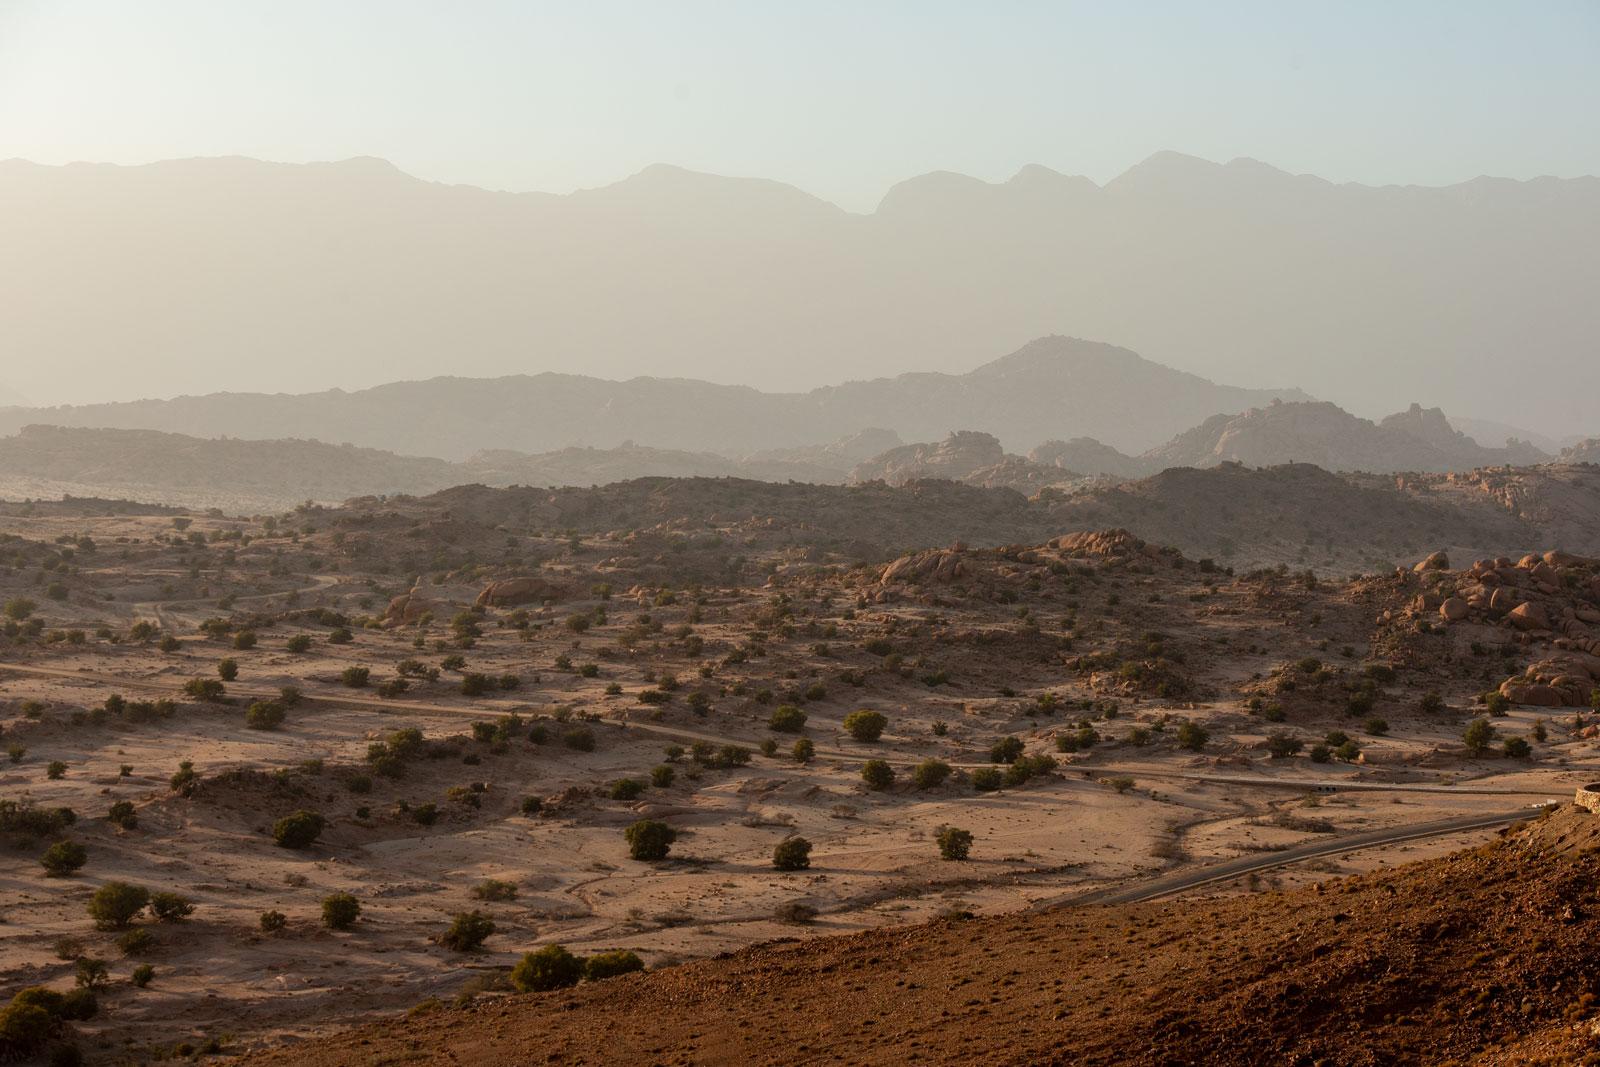 Bild der Weite in den Bergen des Antiatlas Gebirges in Marokko